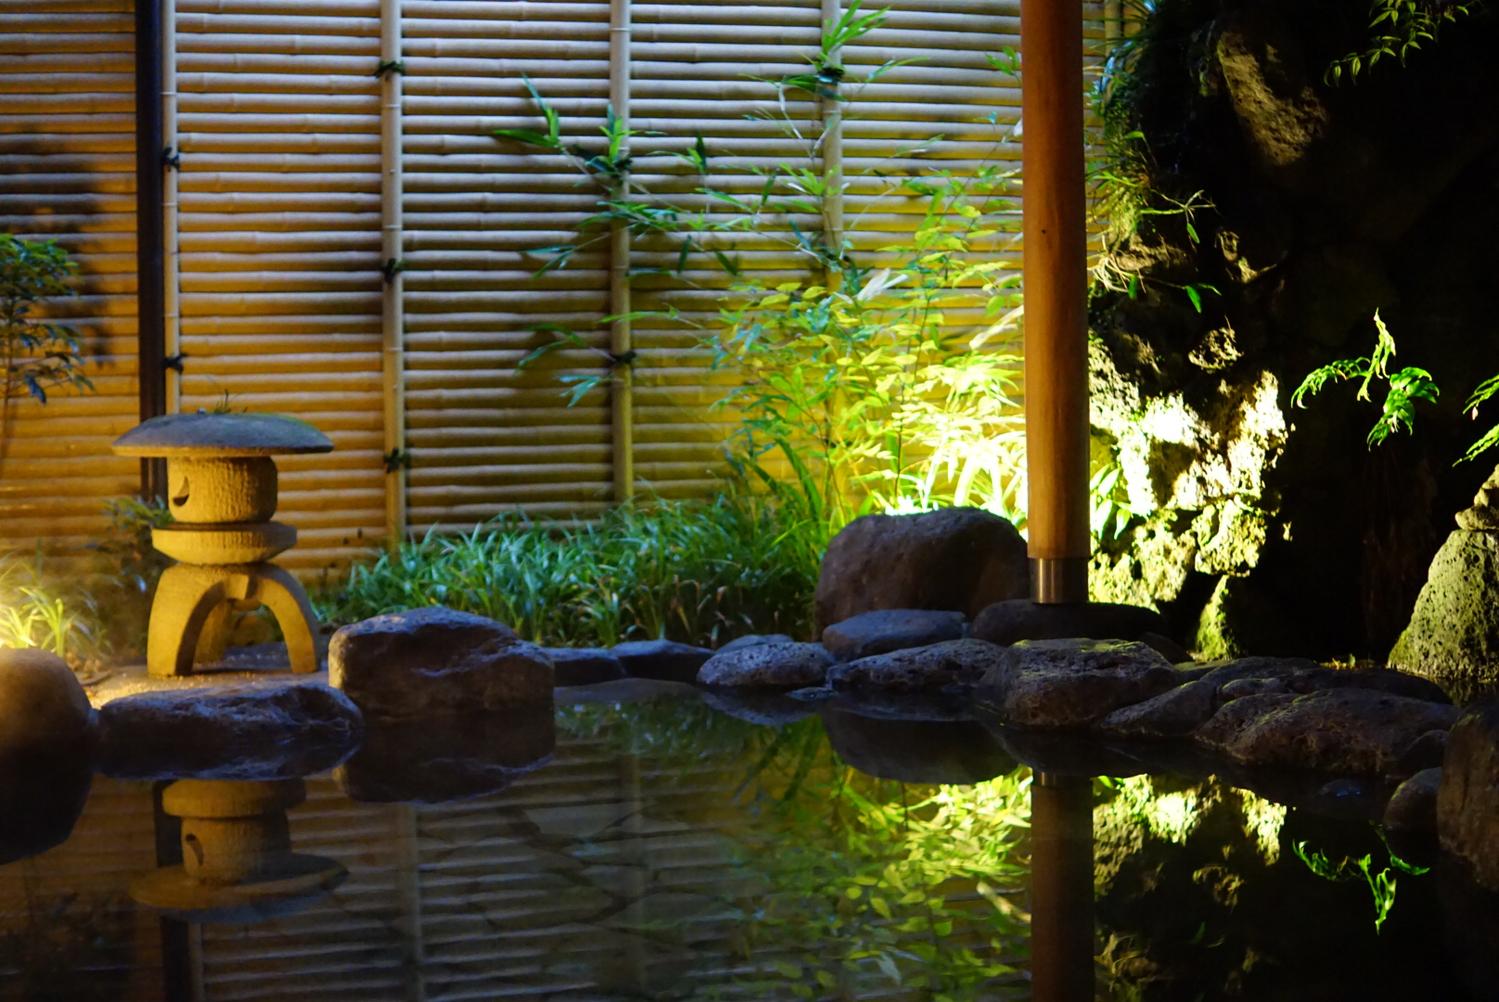 「箱根十七湯」と呼ばれる一大温泉街